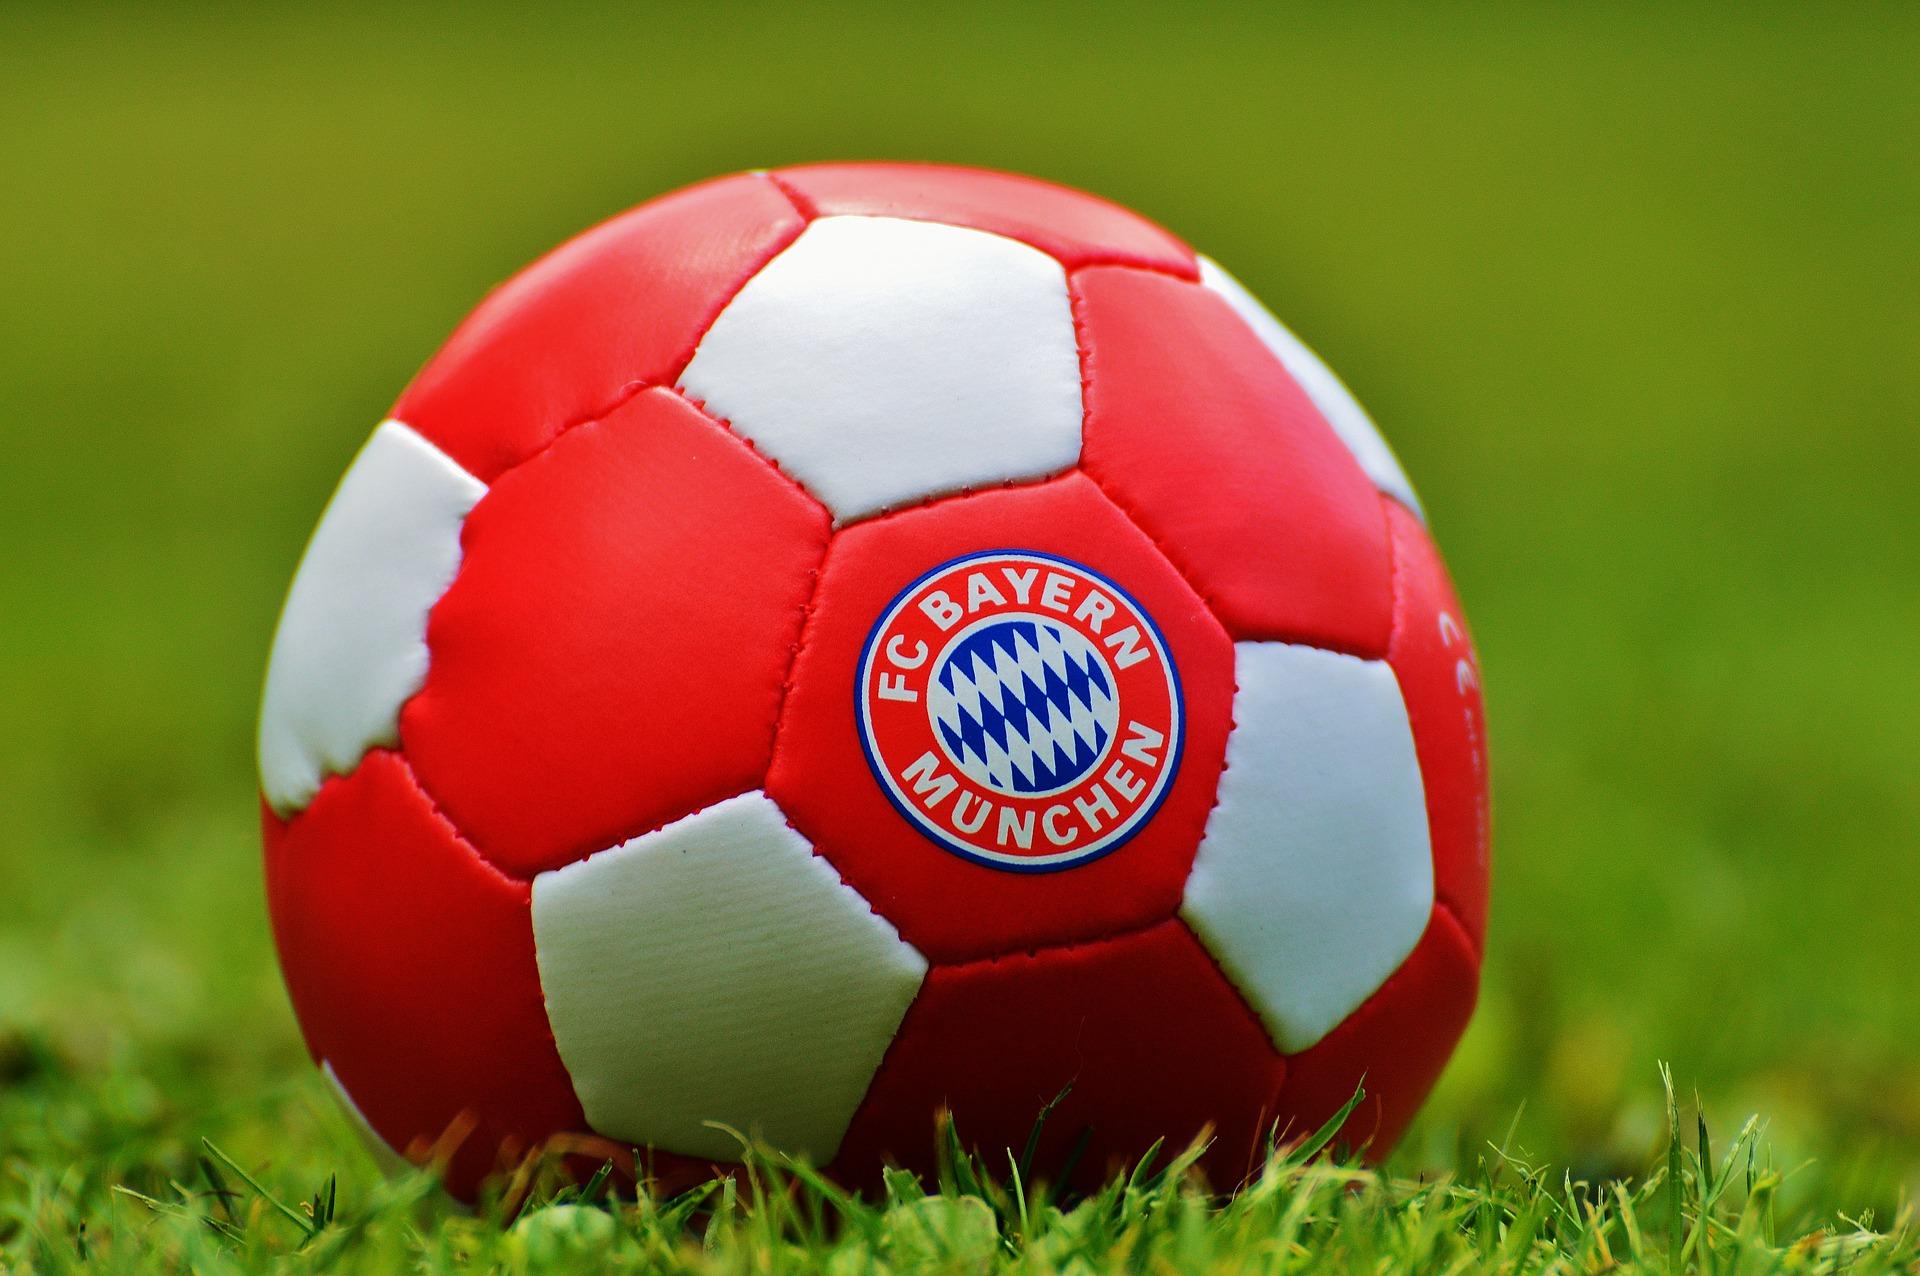 Gigante del fútbol alemán Bayern Munich se une a los coleccionables digitales blockchain de Sorare